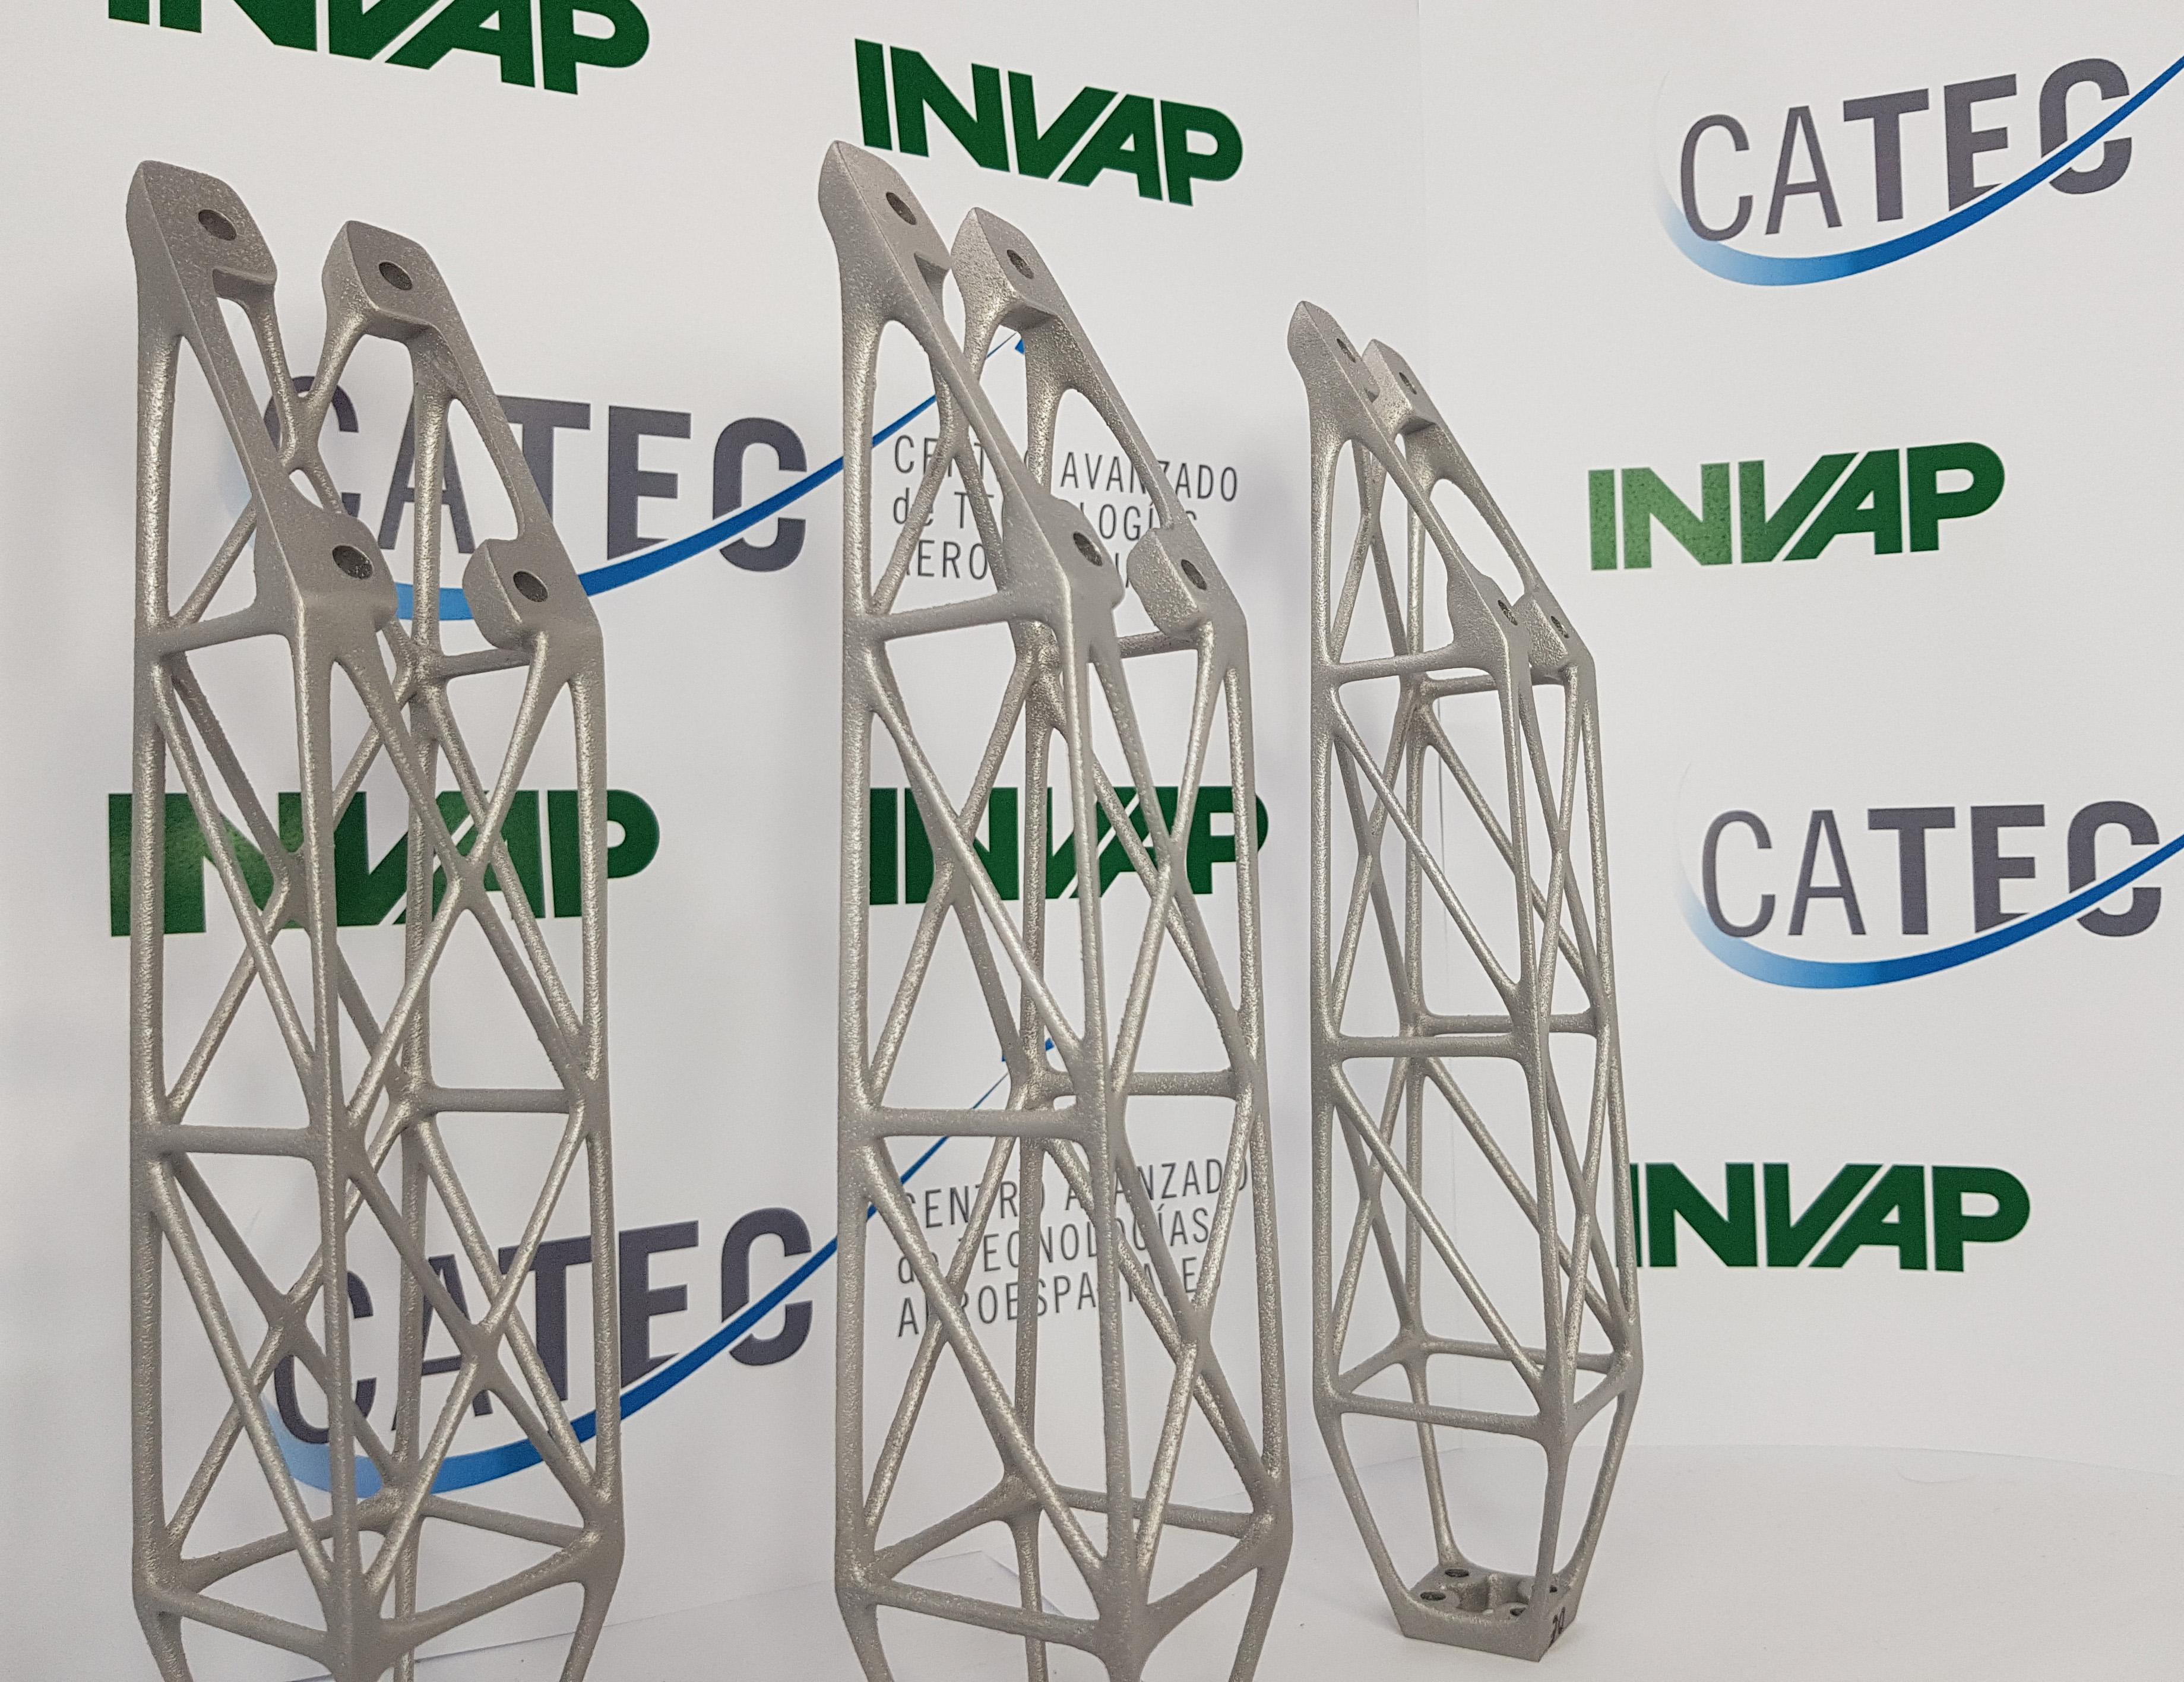 CATEC colabora con INVAP Argentina en el desarrollo de componentes por impresión 3D para sus misiones satelitales